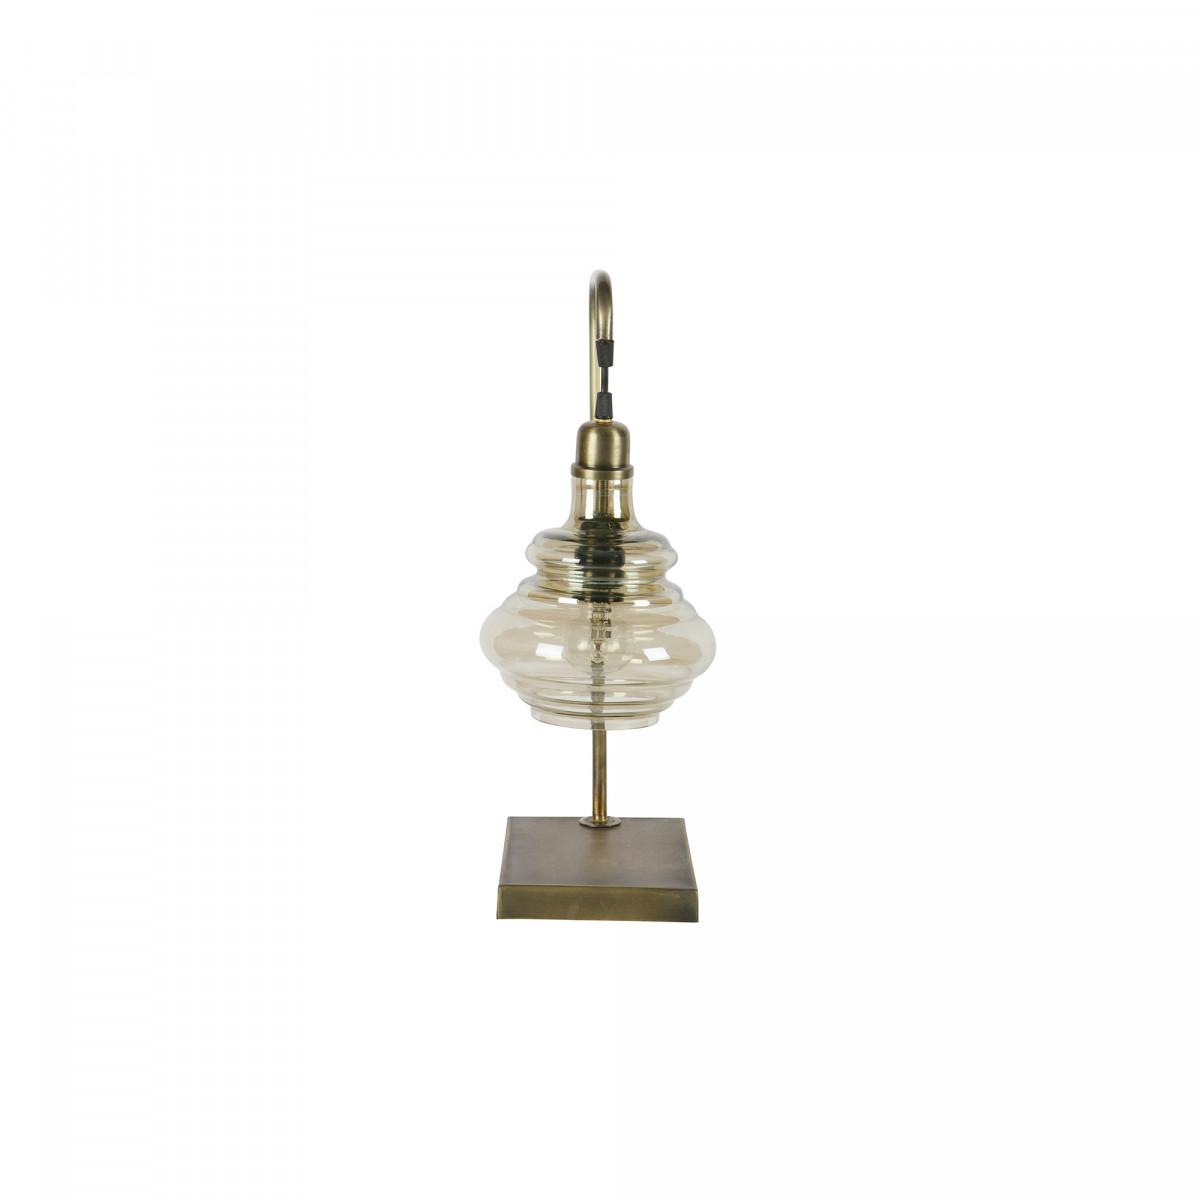 Tischlampe Obvious Antik-Messing